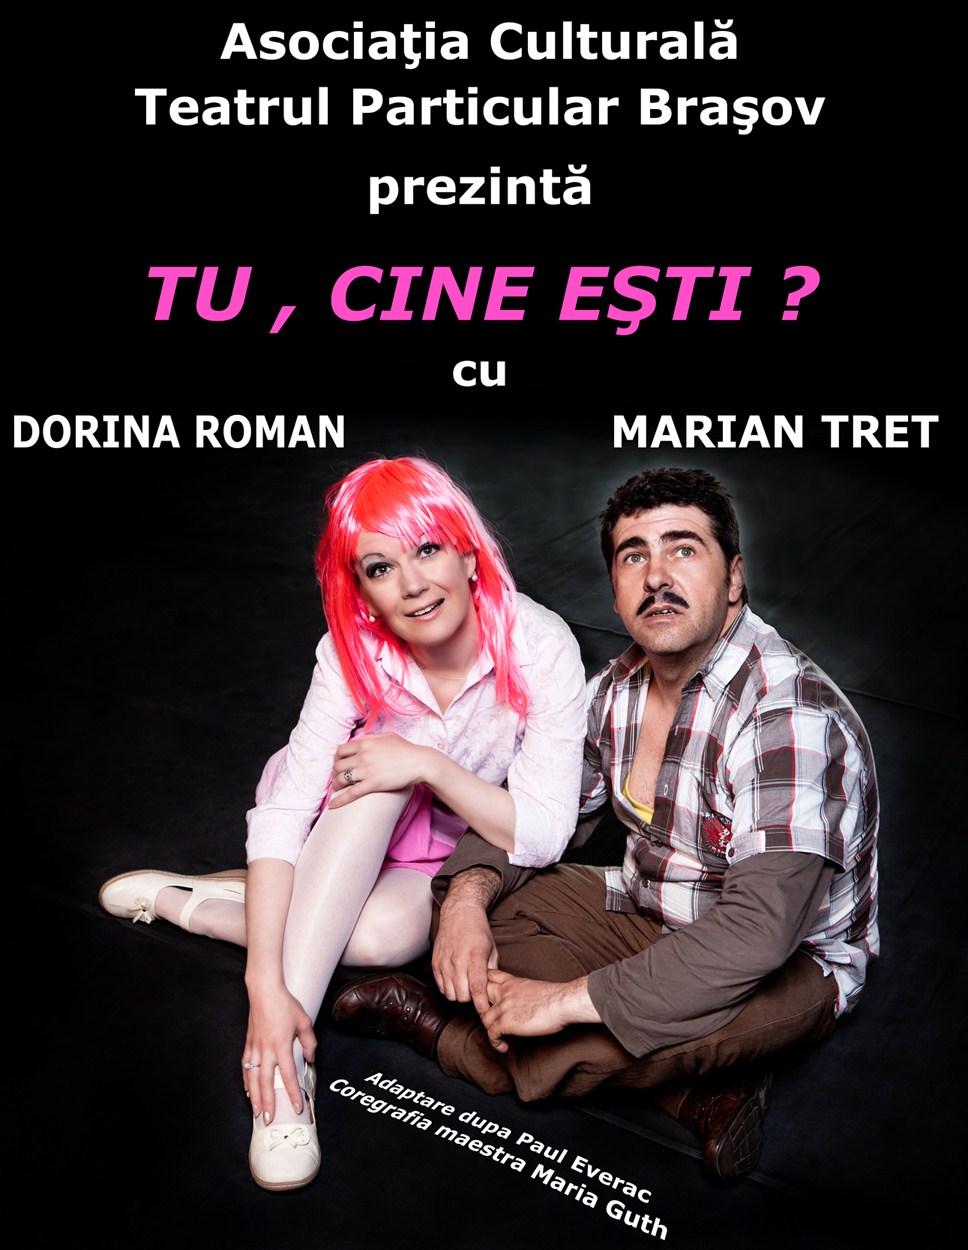 Tu cine esti - Asociatia Culturala Teatrul Particular Brasov